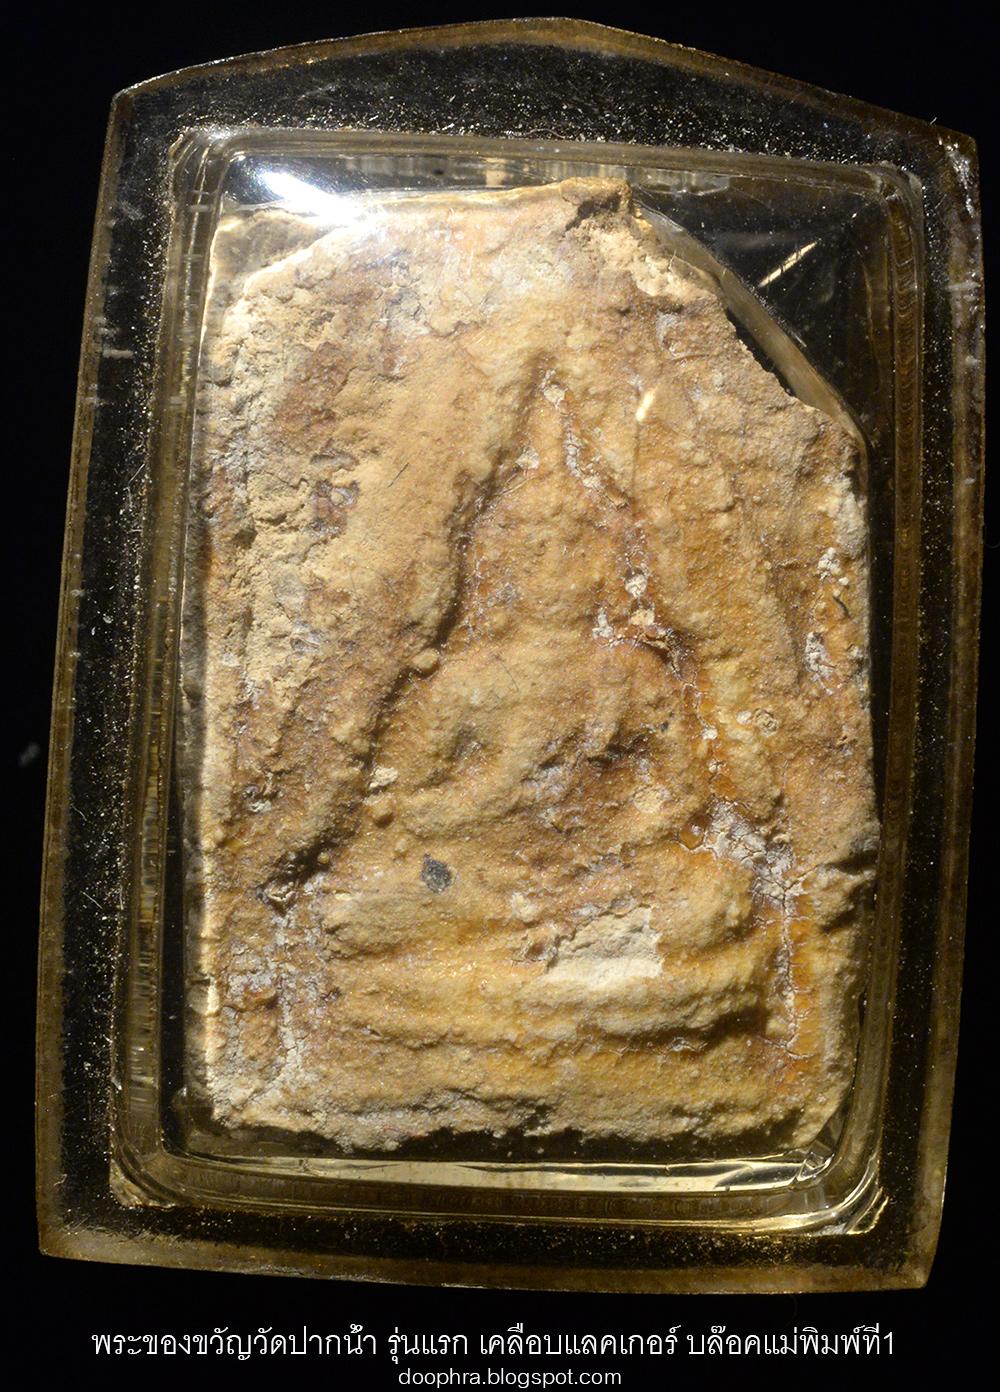 พระของขวัญวัดปากน้ำ รุ่นแรก เคลือบแลคเกอร์ บล๊อคแม่พิมพ์ที่1